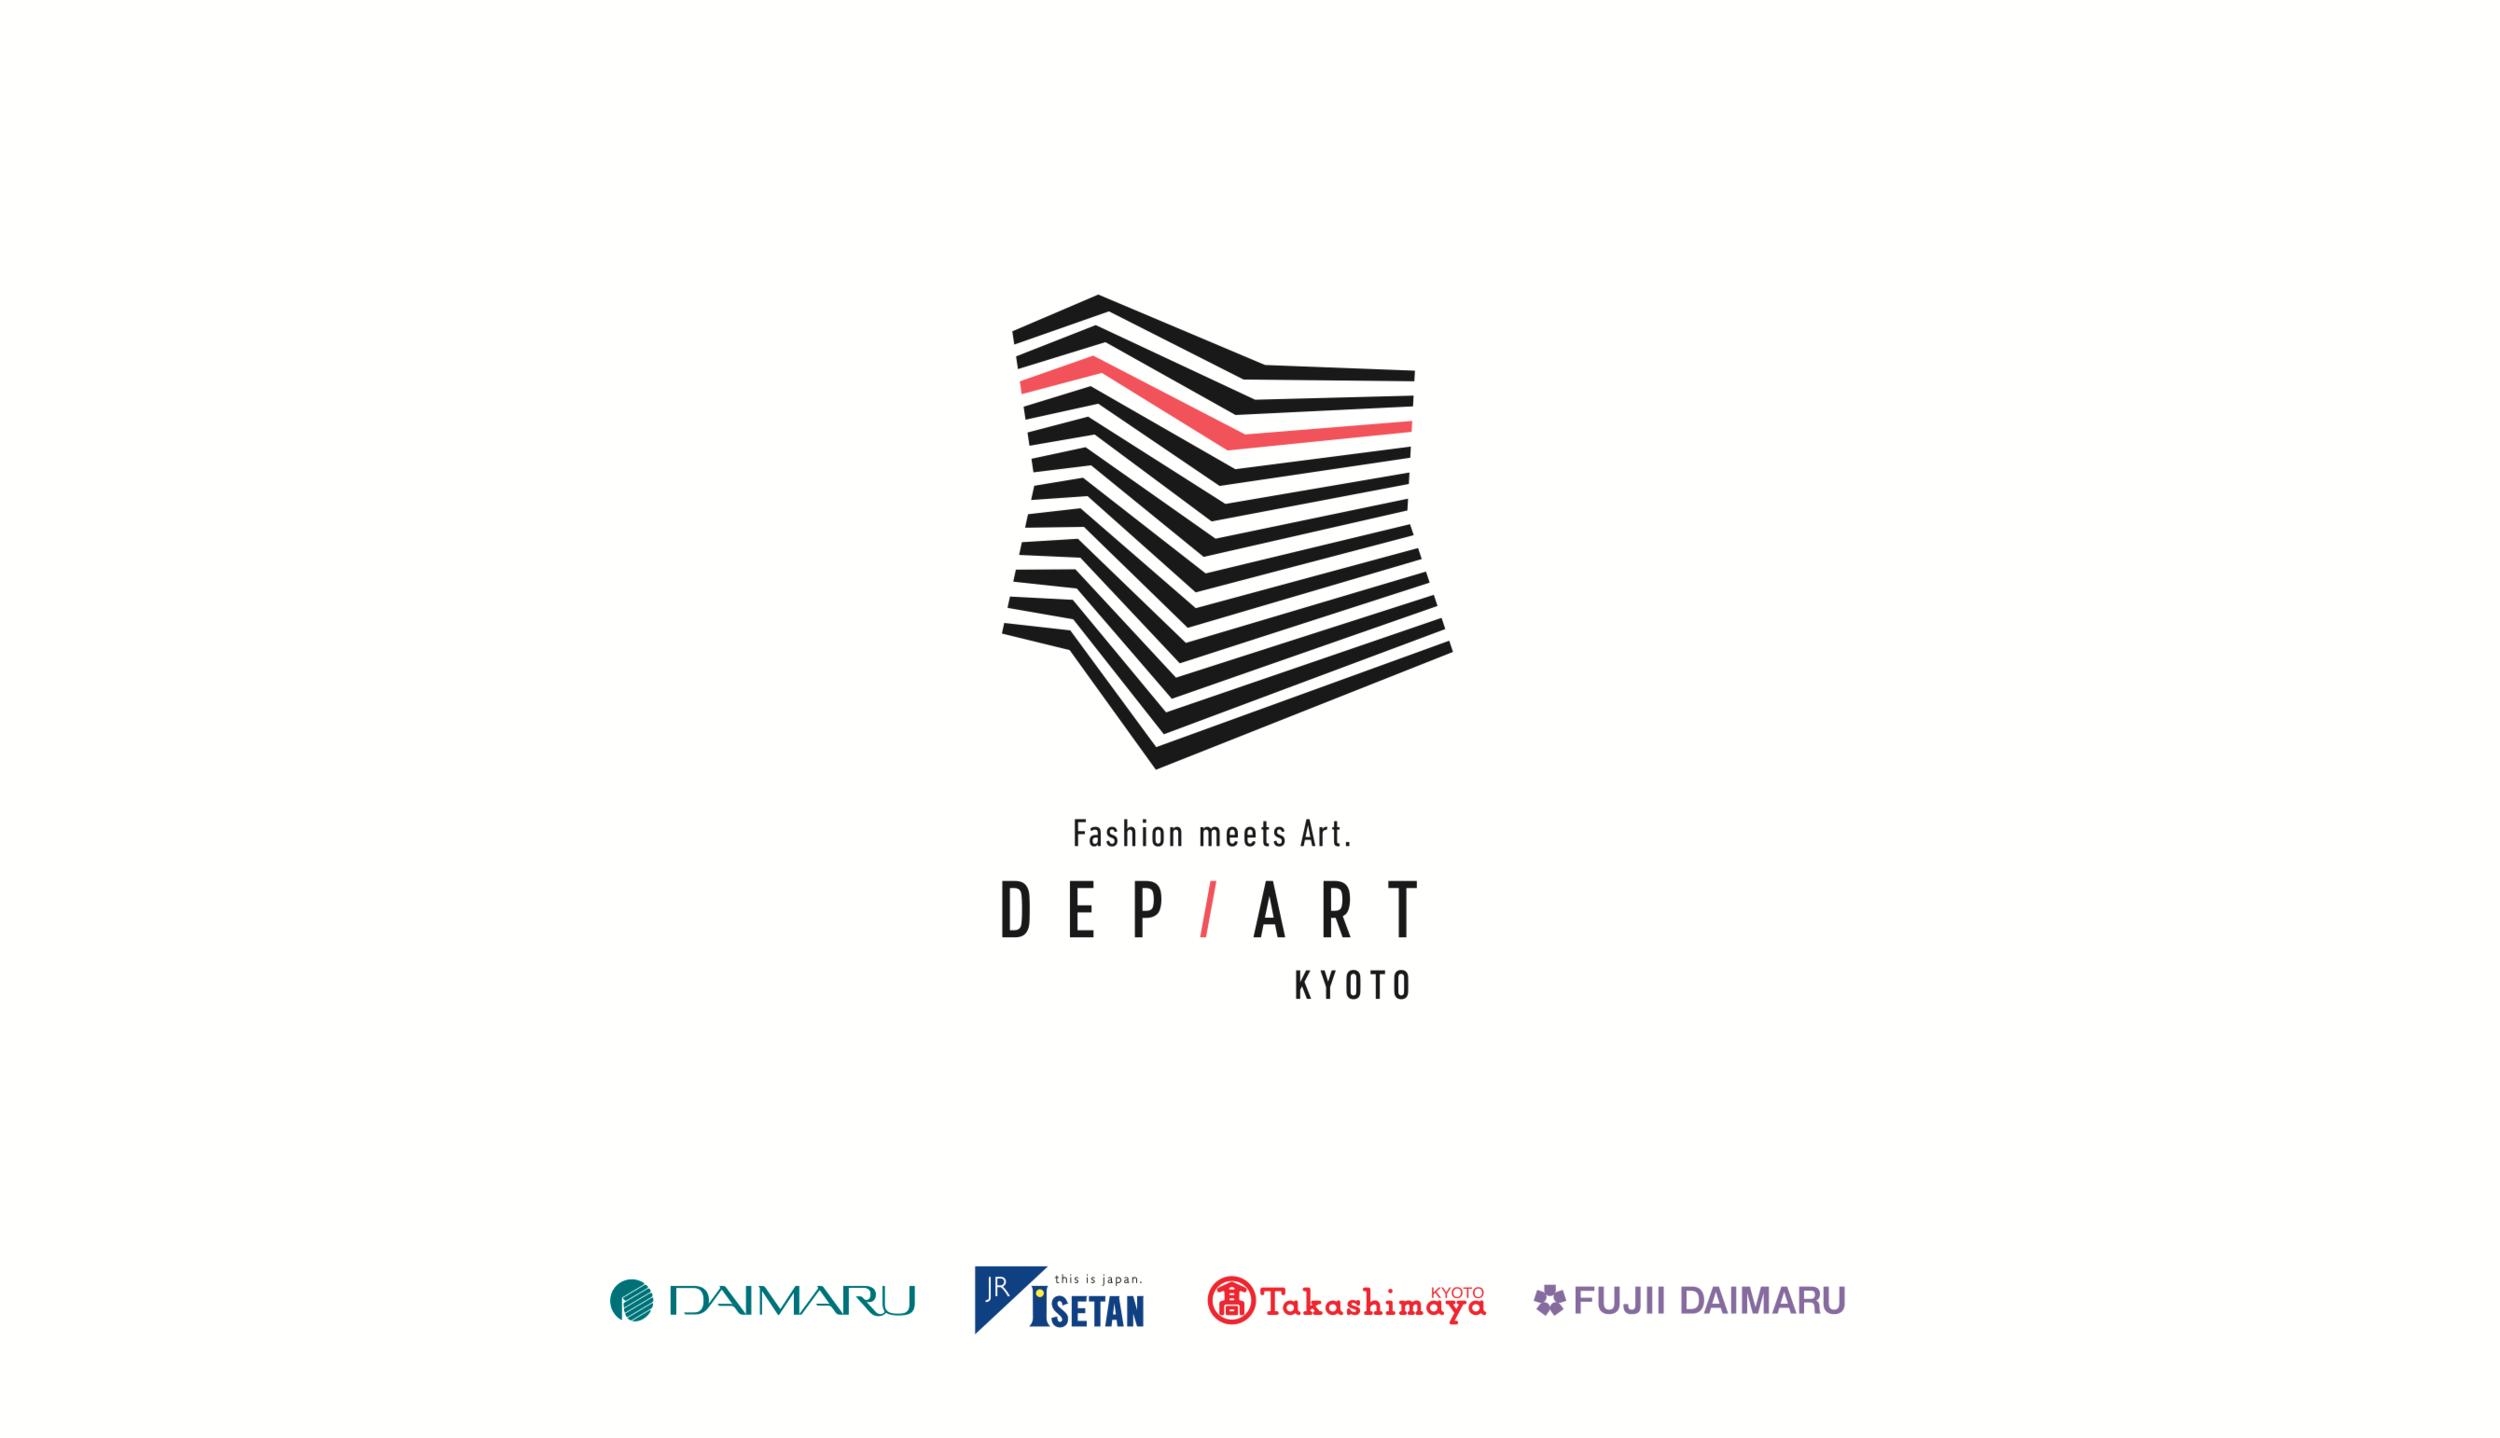 dep%2Fart+logo.png